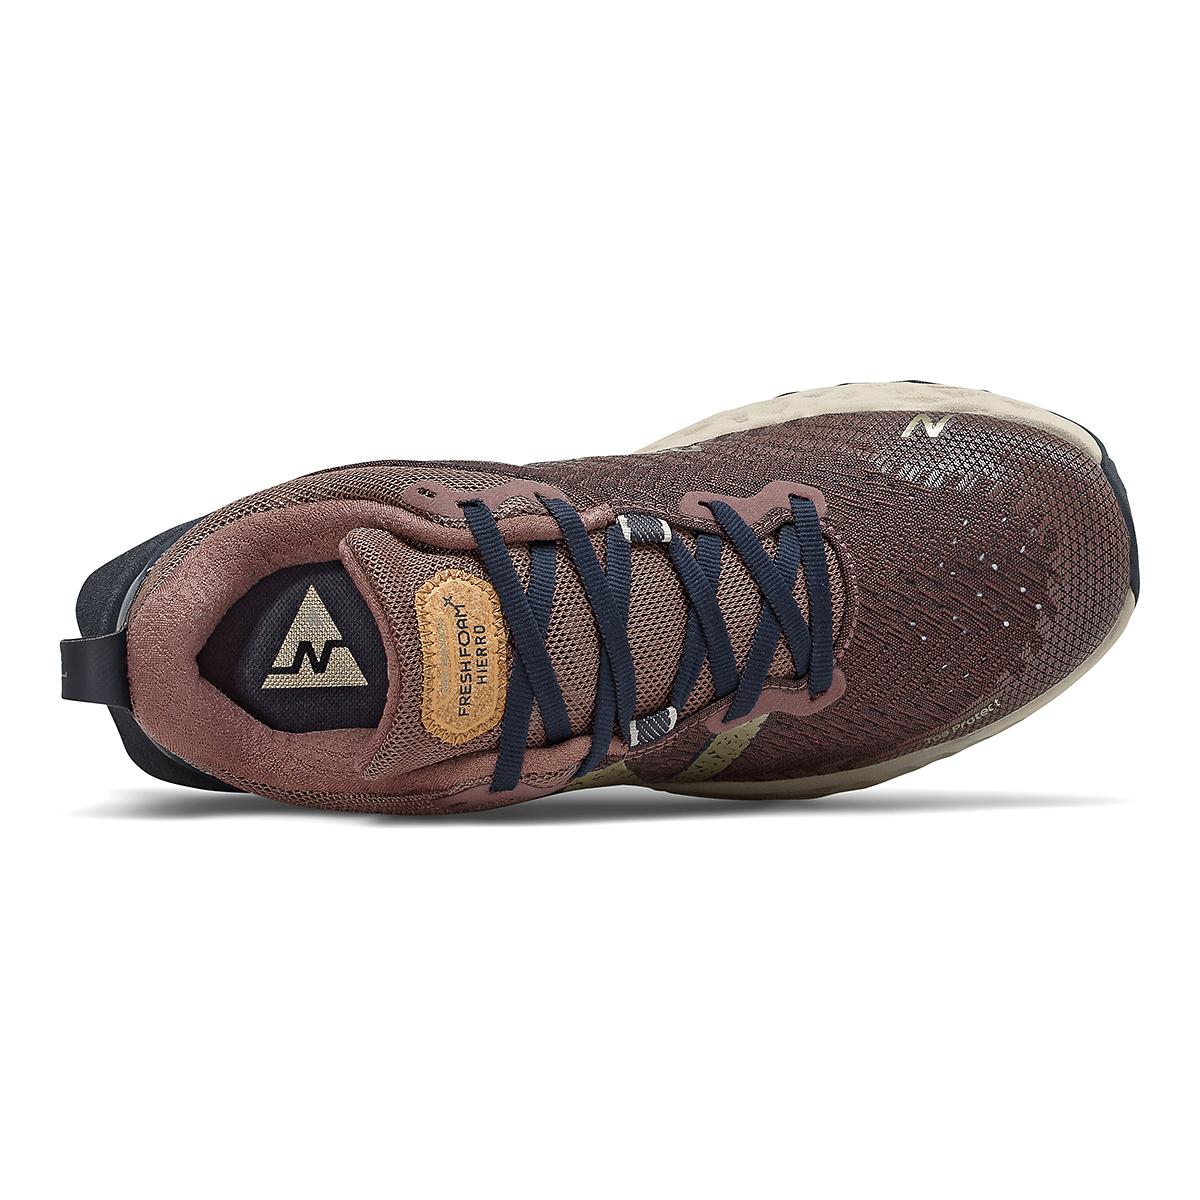 Women's New Balance Hierro V6 Trail Running Shoe - Color: Black Fig - Size: 5 - Width: Regular, Black Fig, large, image 3